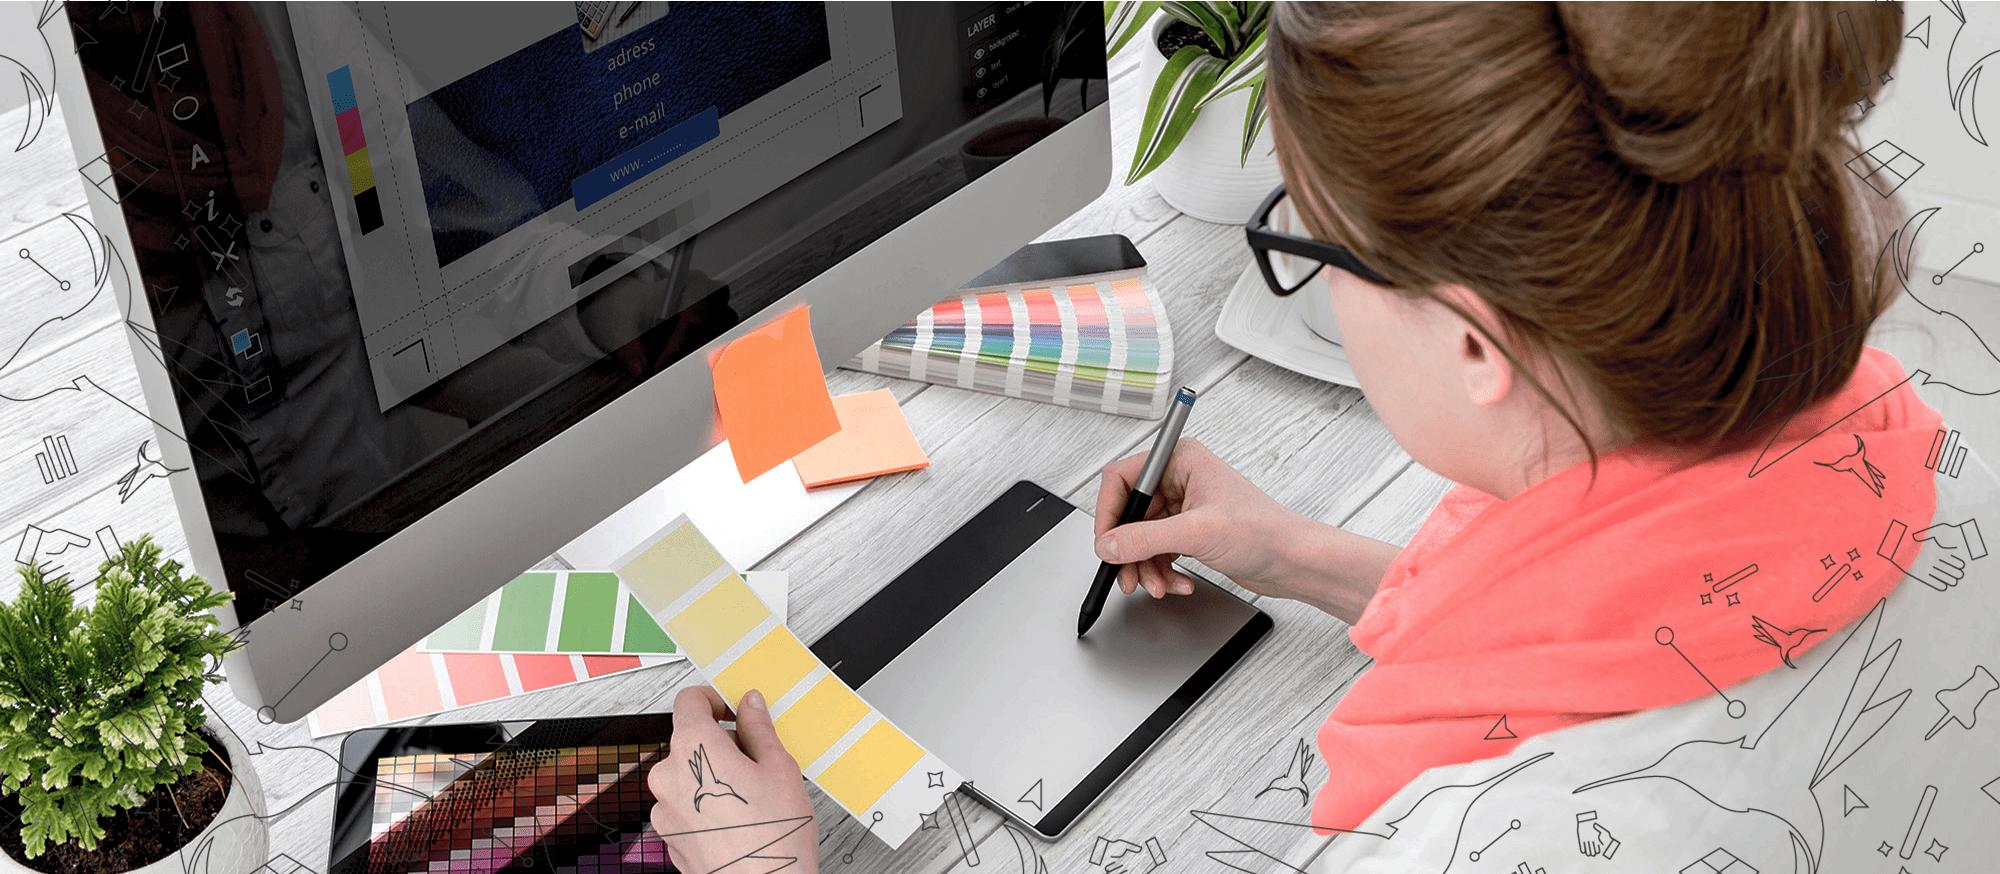 Logo Design Tips - Graphic Designer